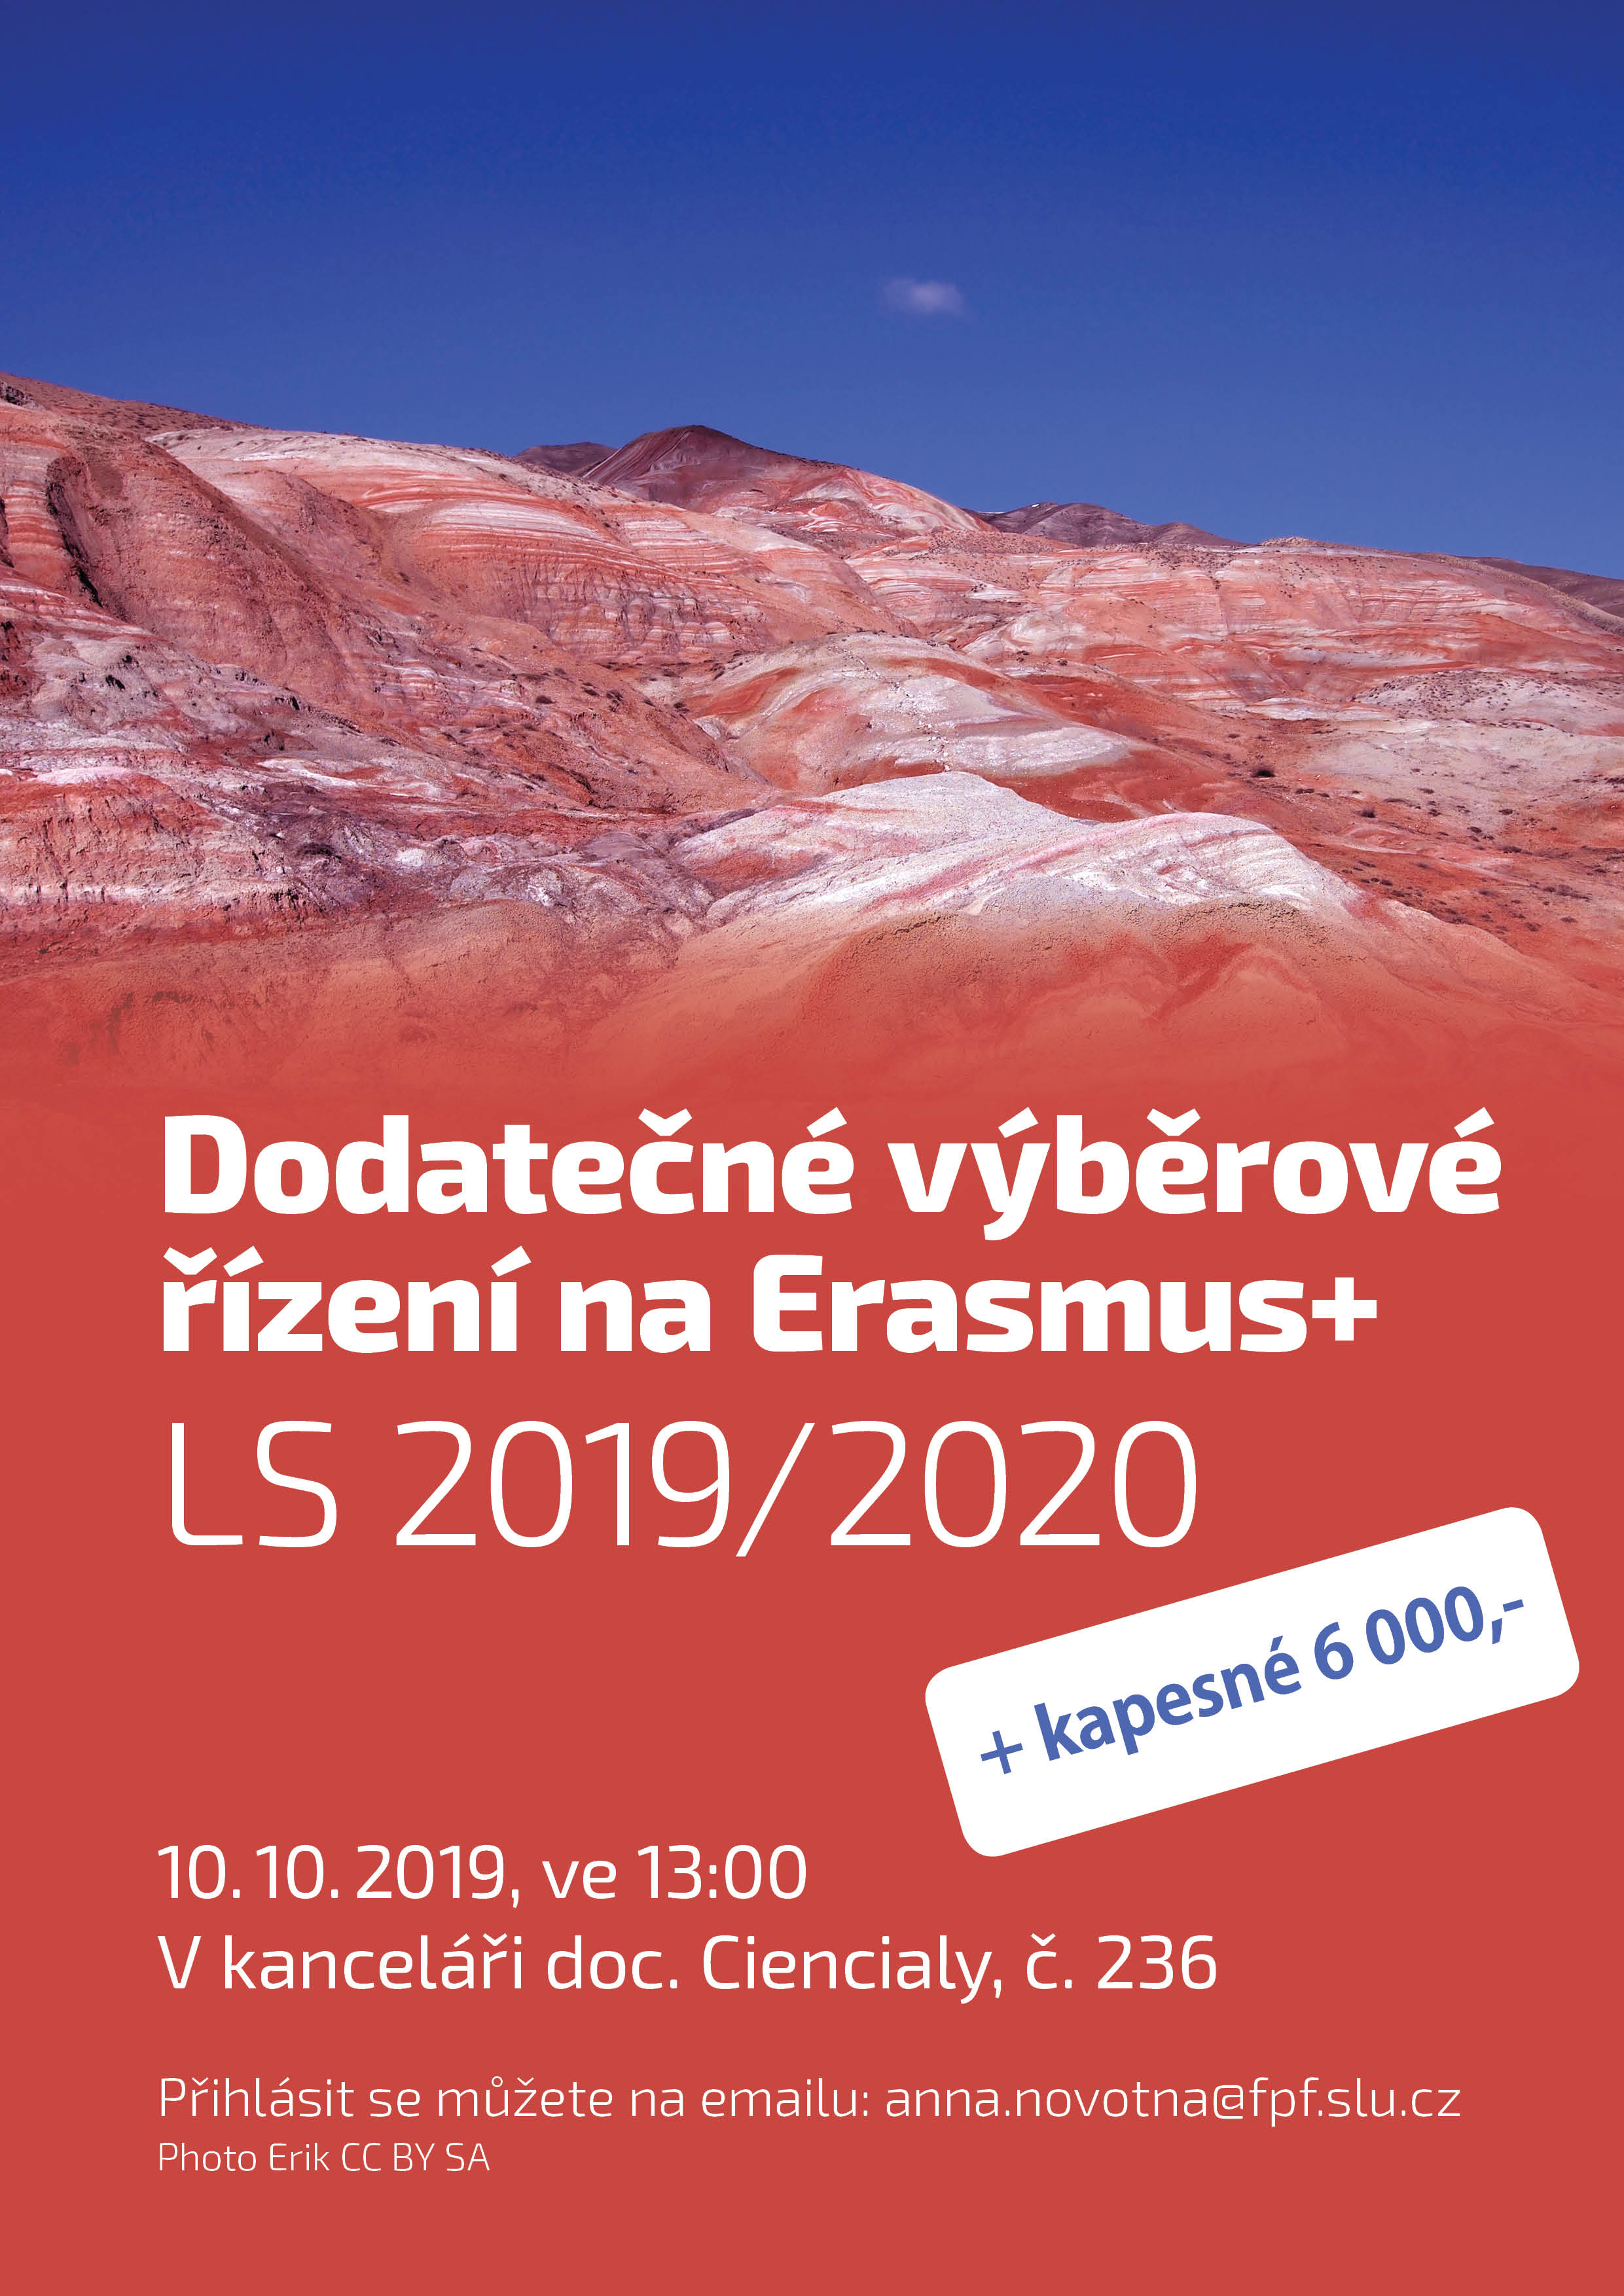 Dodatečné výběrové řízení - Erasmus - 2019